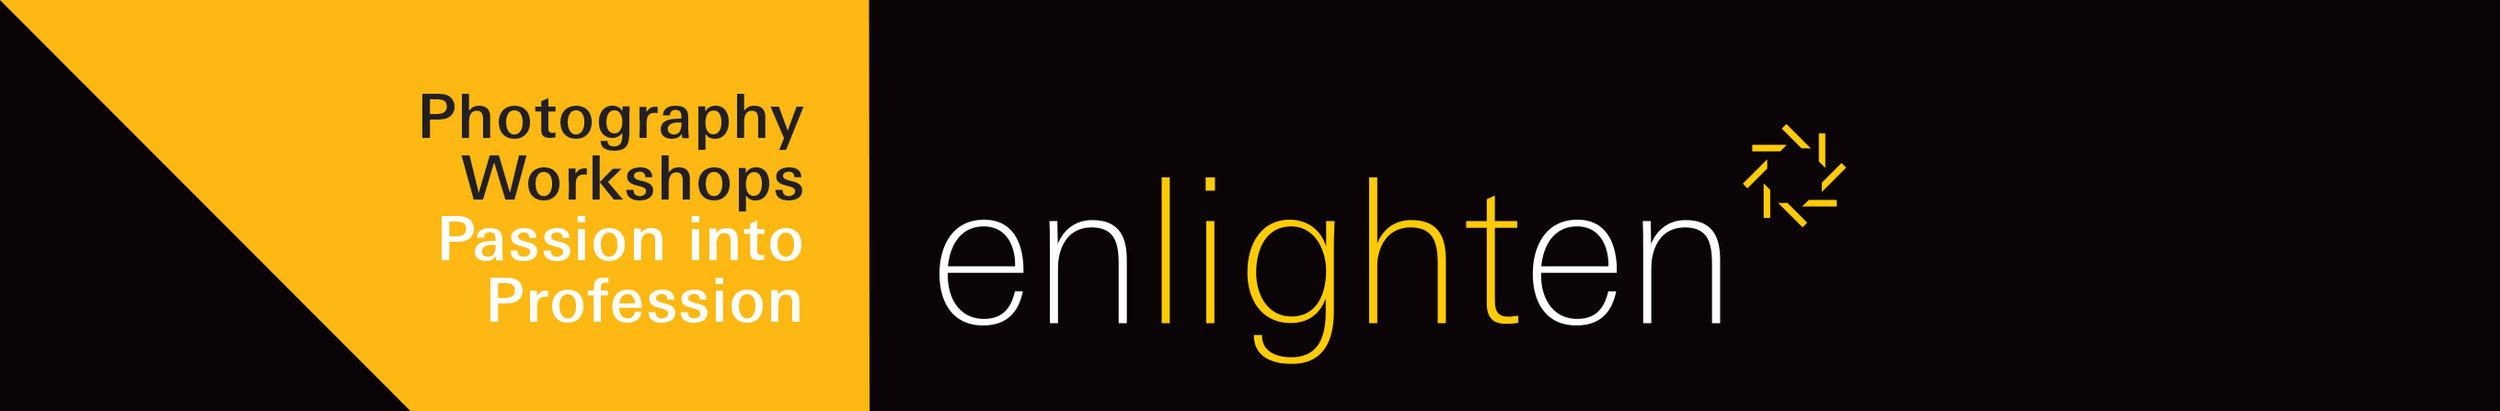 Enlighten_Melbourne logo banner.jpg